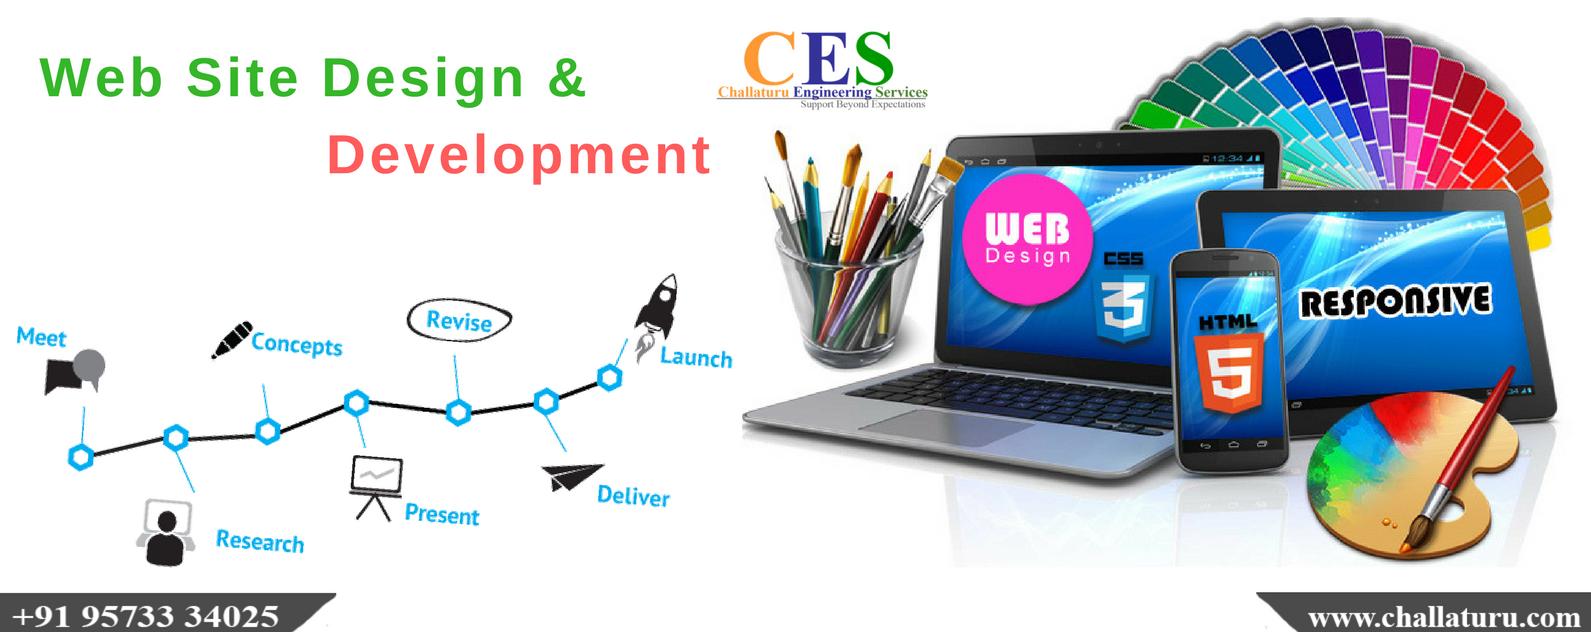 Web Designing Companies In Tirupati India Website Design Web Design Web Design Help Web Development Design